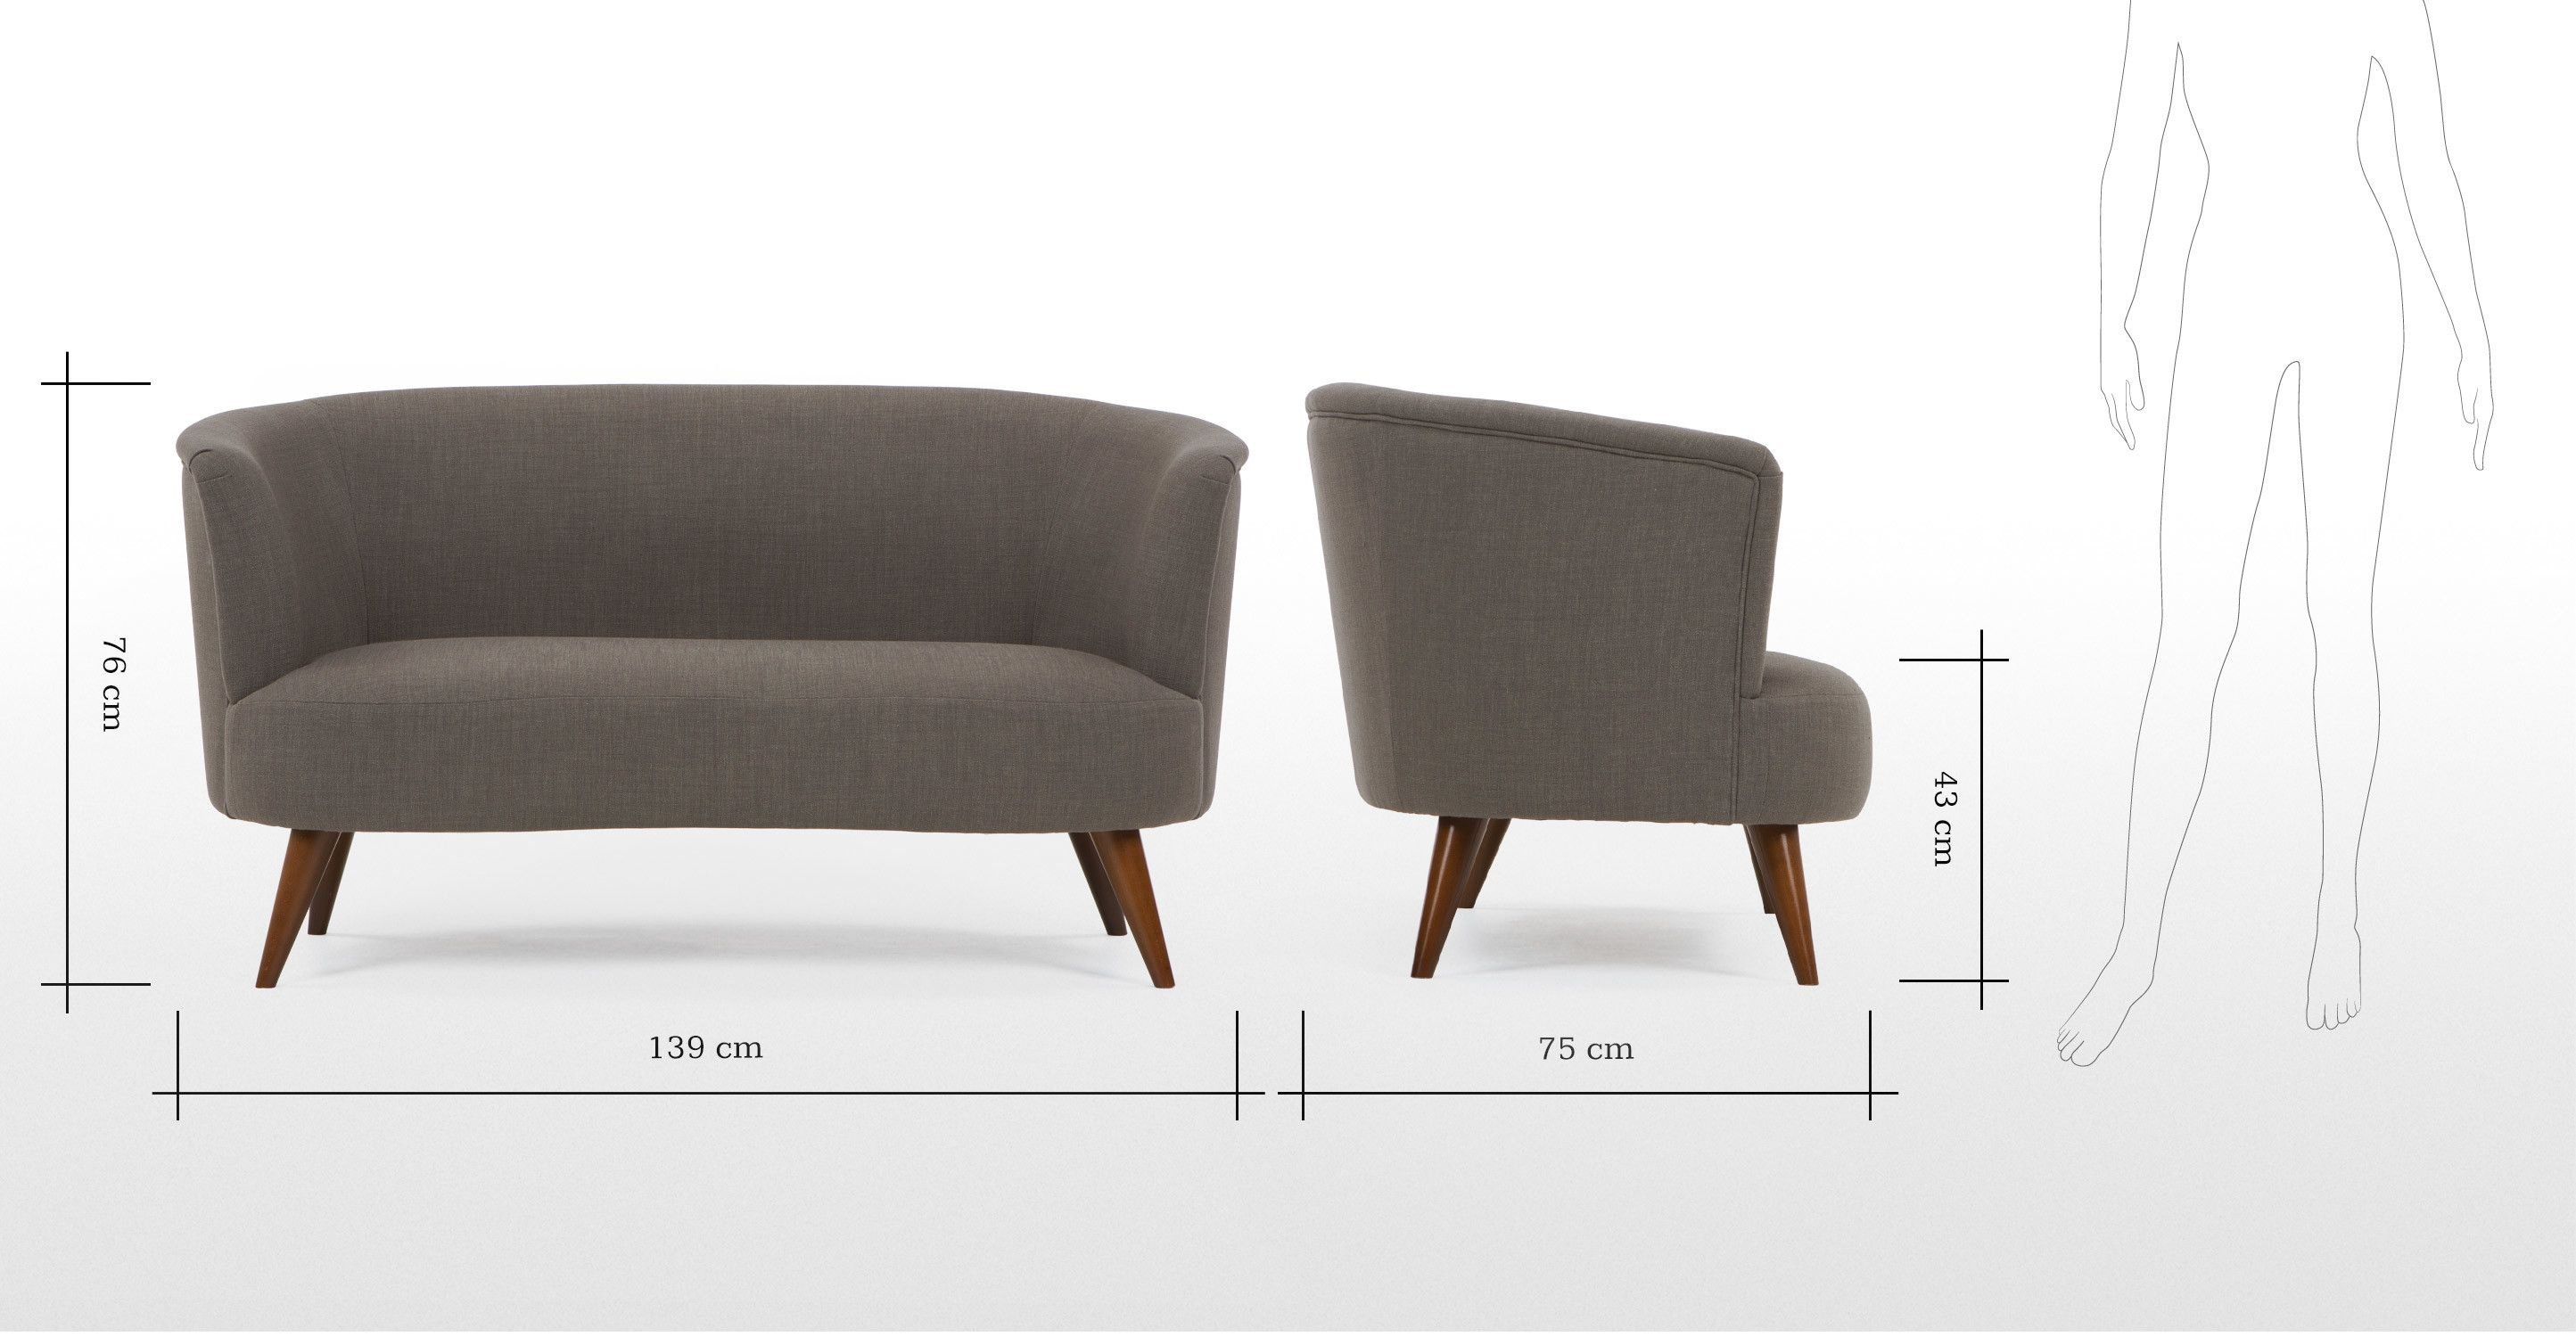 Tubby divano 2 posti color grigio morbido made